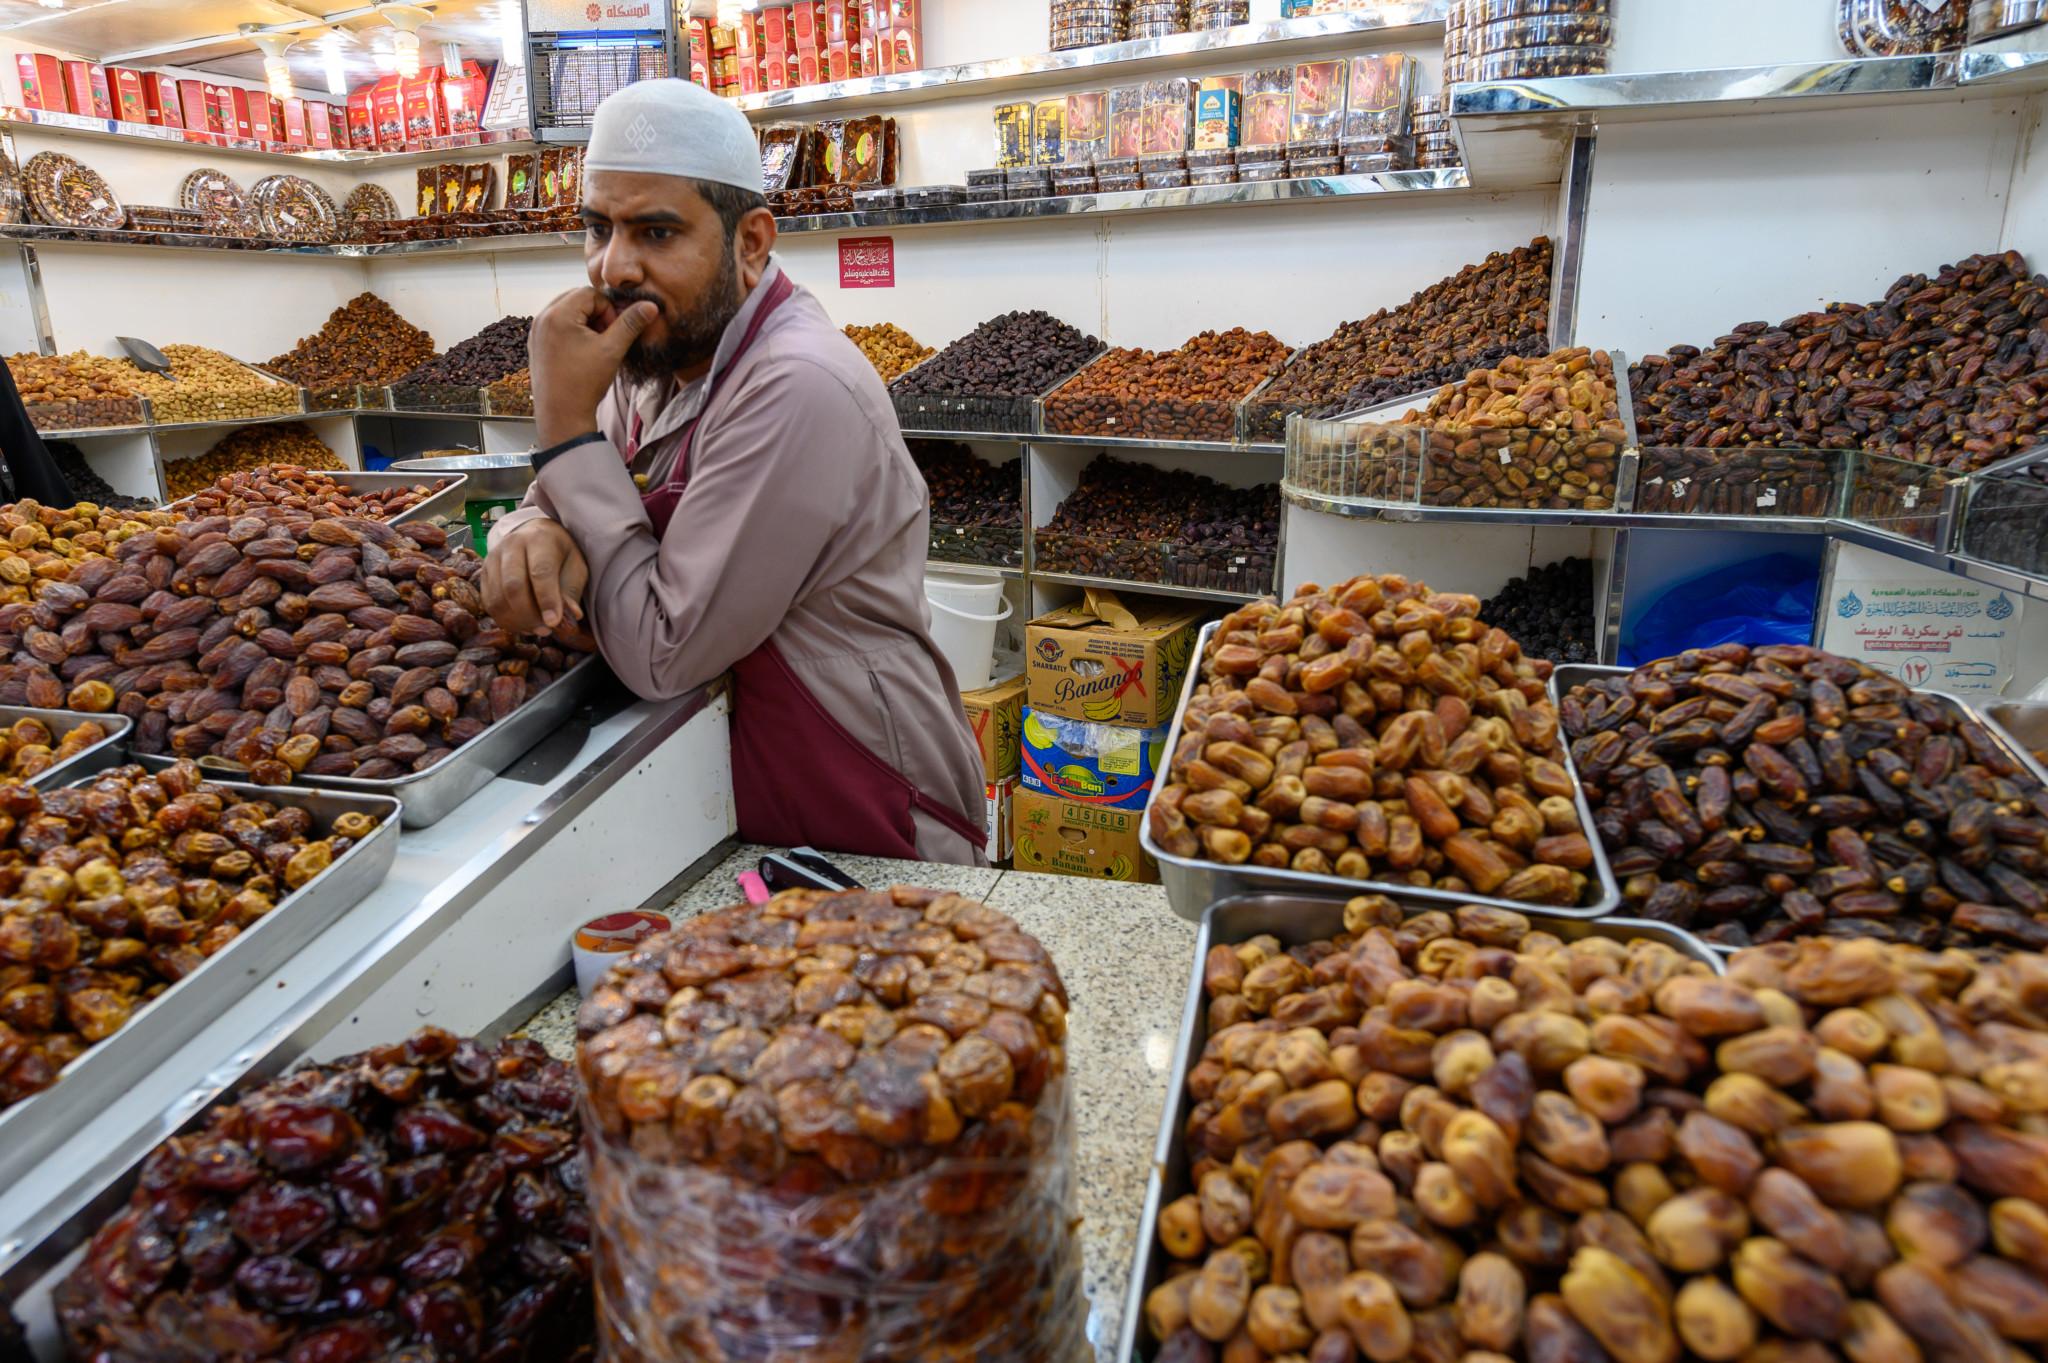 Datteln kaufen auf dem Soukh in Jeddah